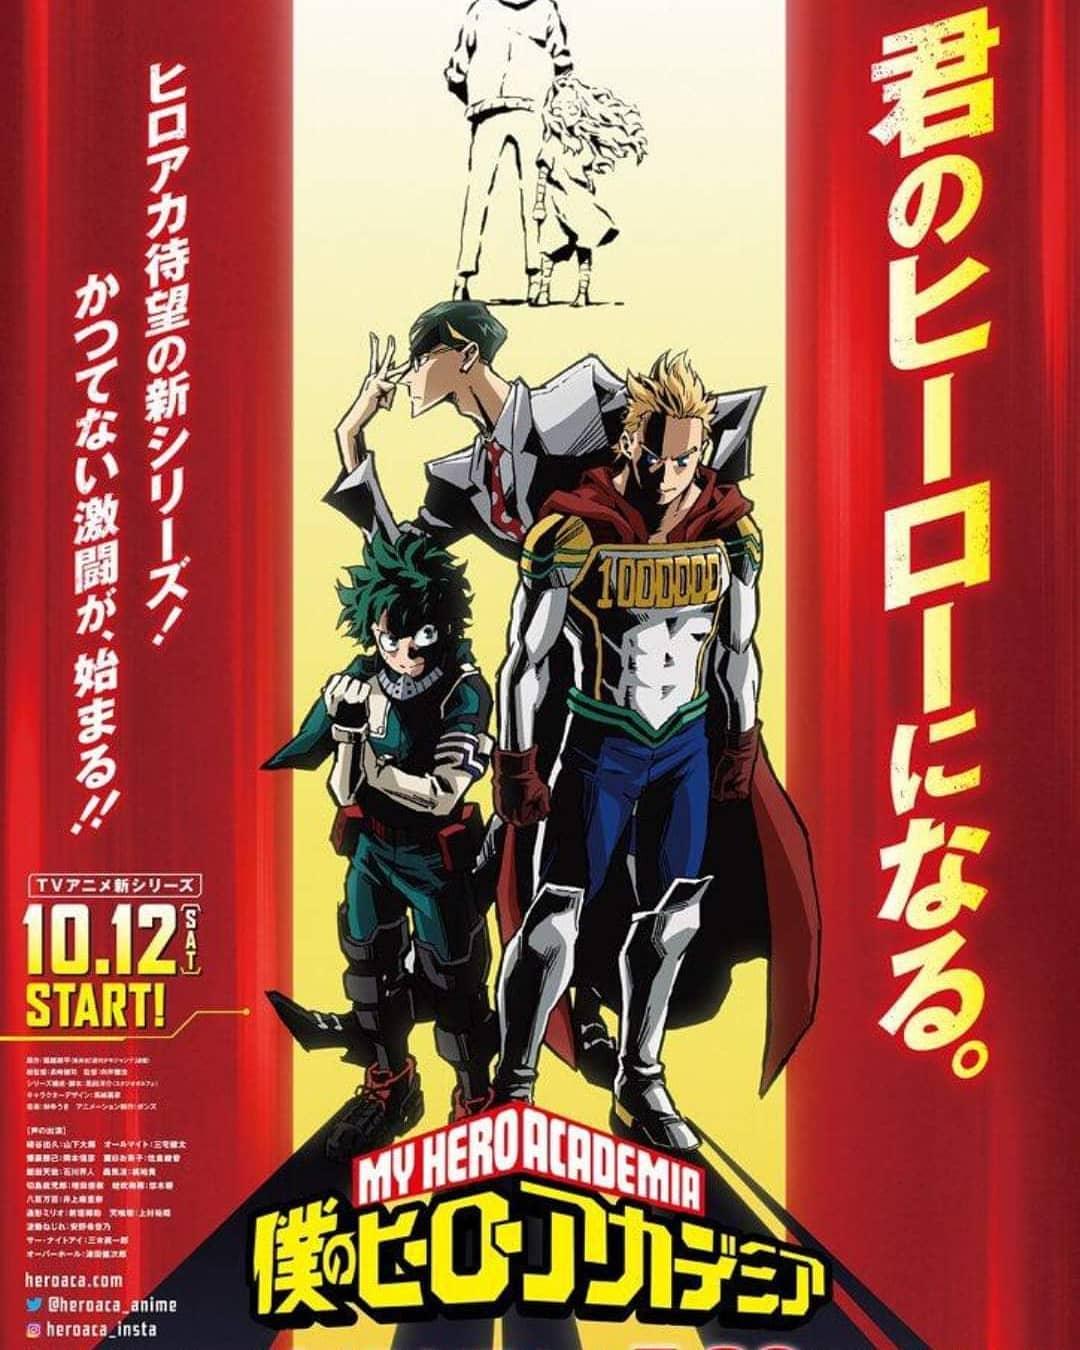 تقرير عن أنمي Boku no Hero Academia الموسم الرابع   بطل أكاديميتي